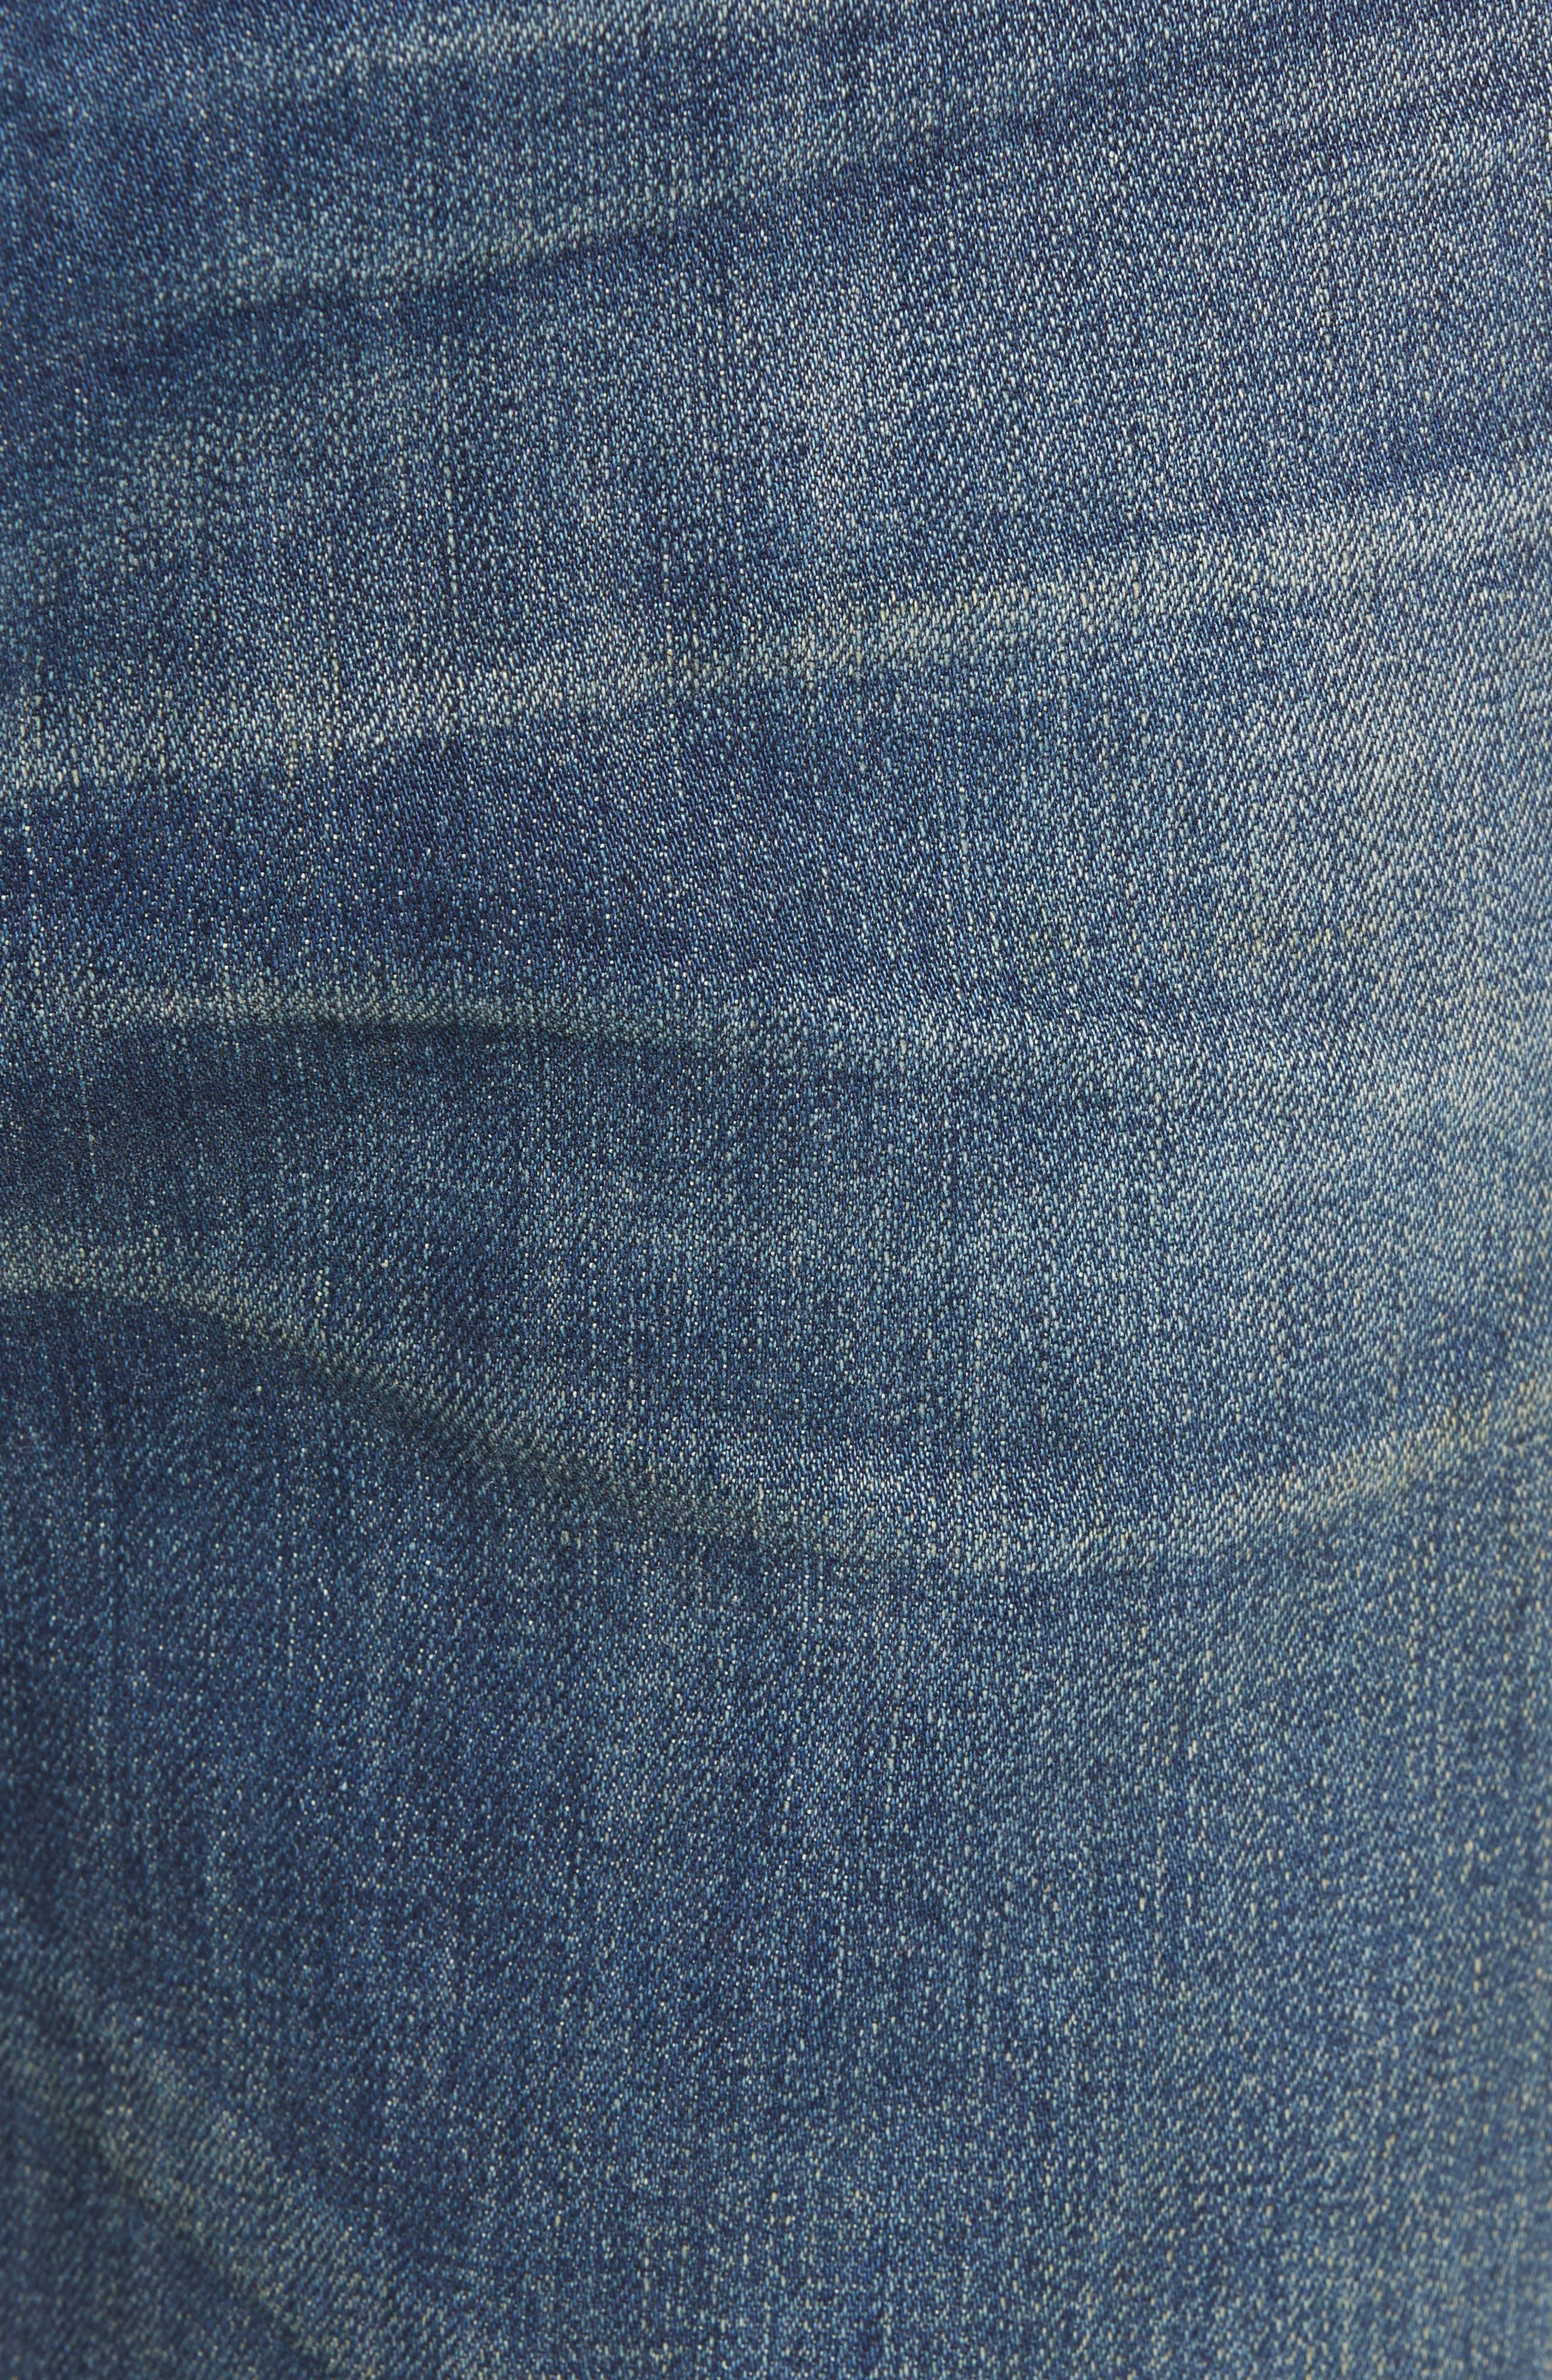 TREASURE & BOND,                             Slim Fit Jeans,                             Alternate thumbnail 5, color,                             BLUE MED VINTAGE WASH